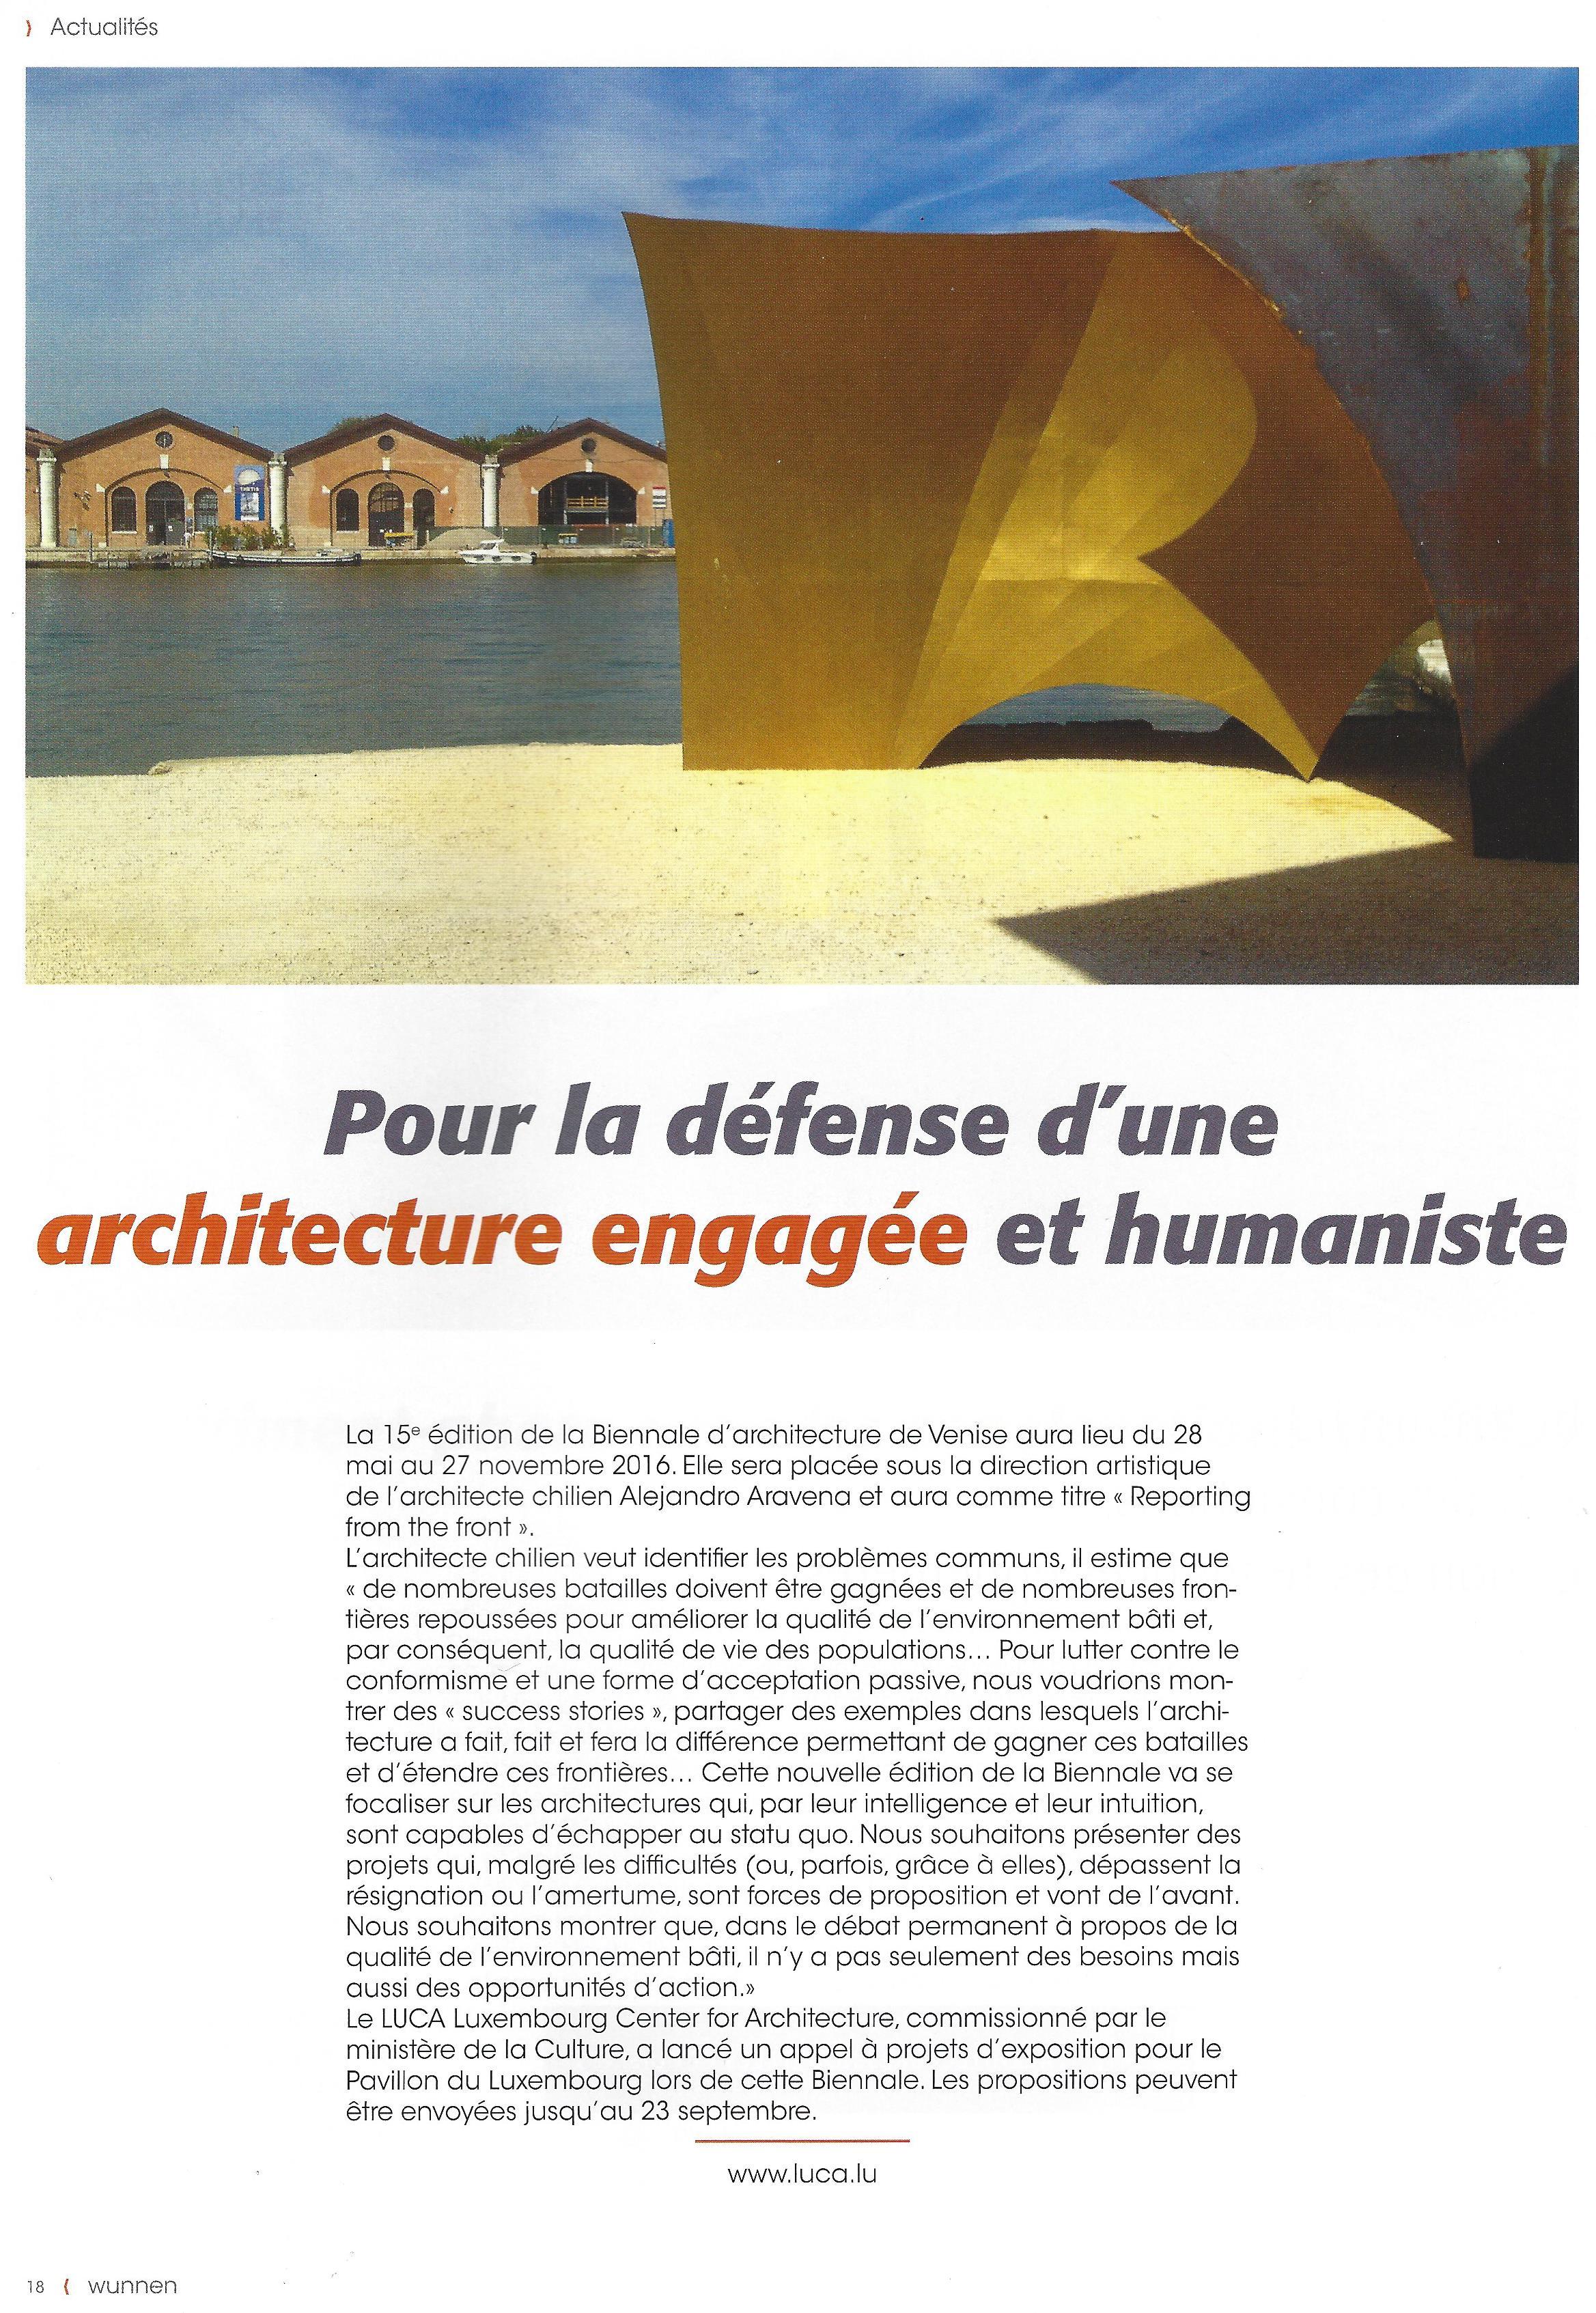 Wunnen_09_15_appel_projet_Biennale